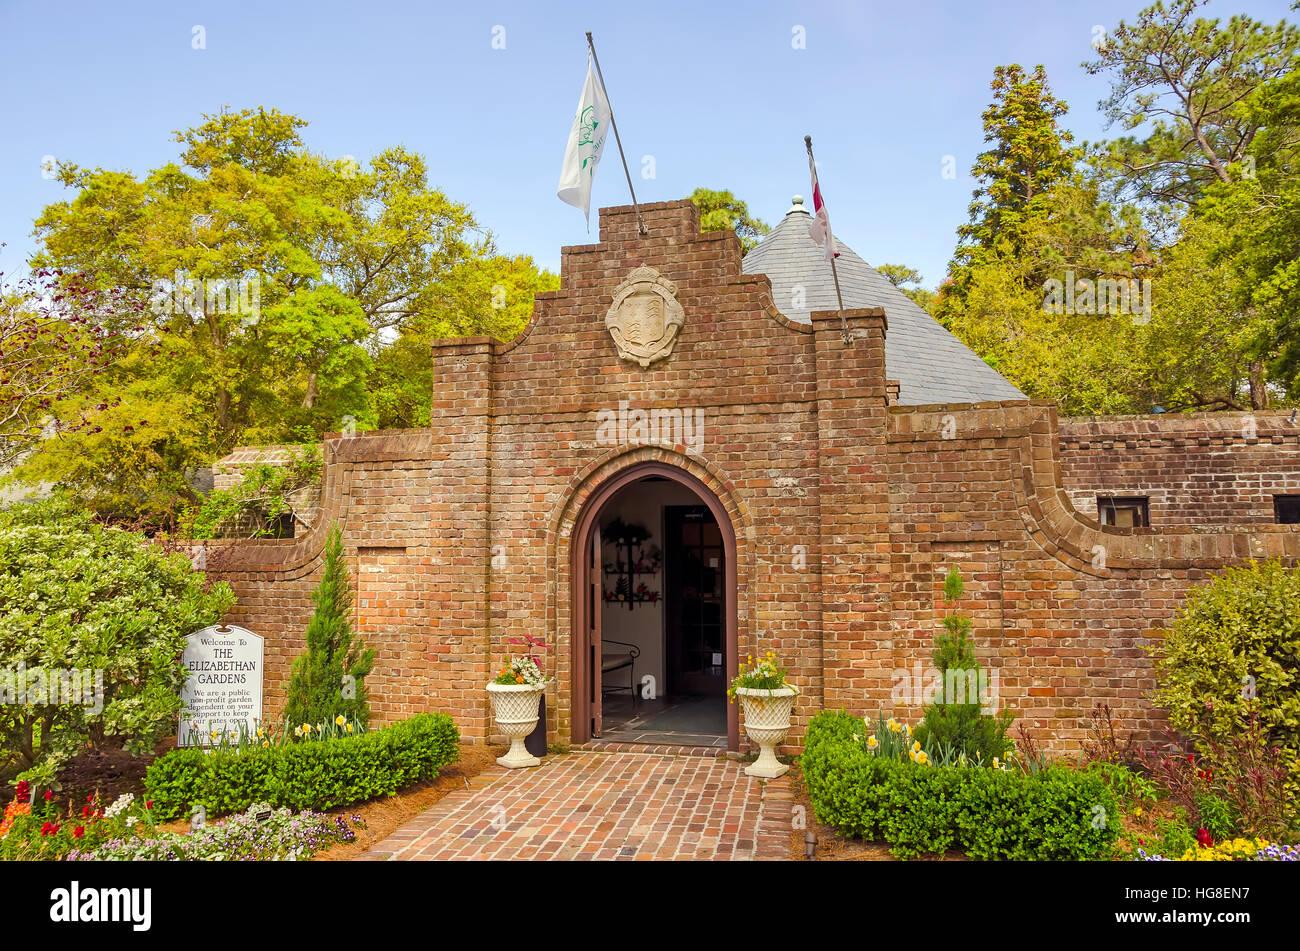 Entrance at Elizabethan Gardens, Manteo, Roanoke Island, North Carolina - Stock Image